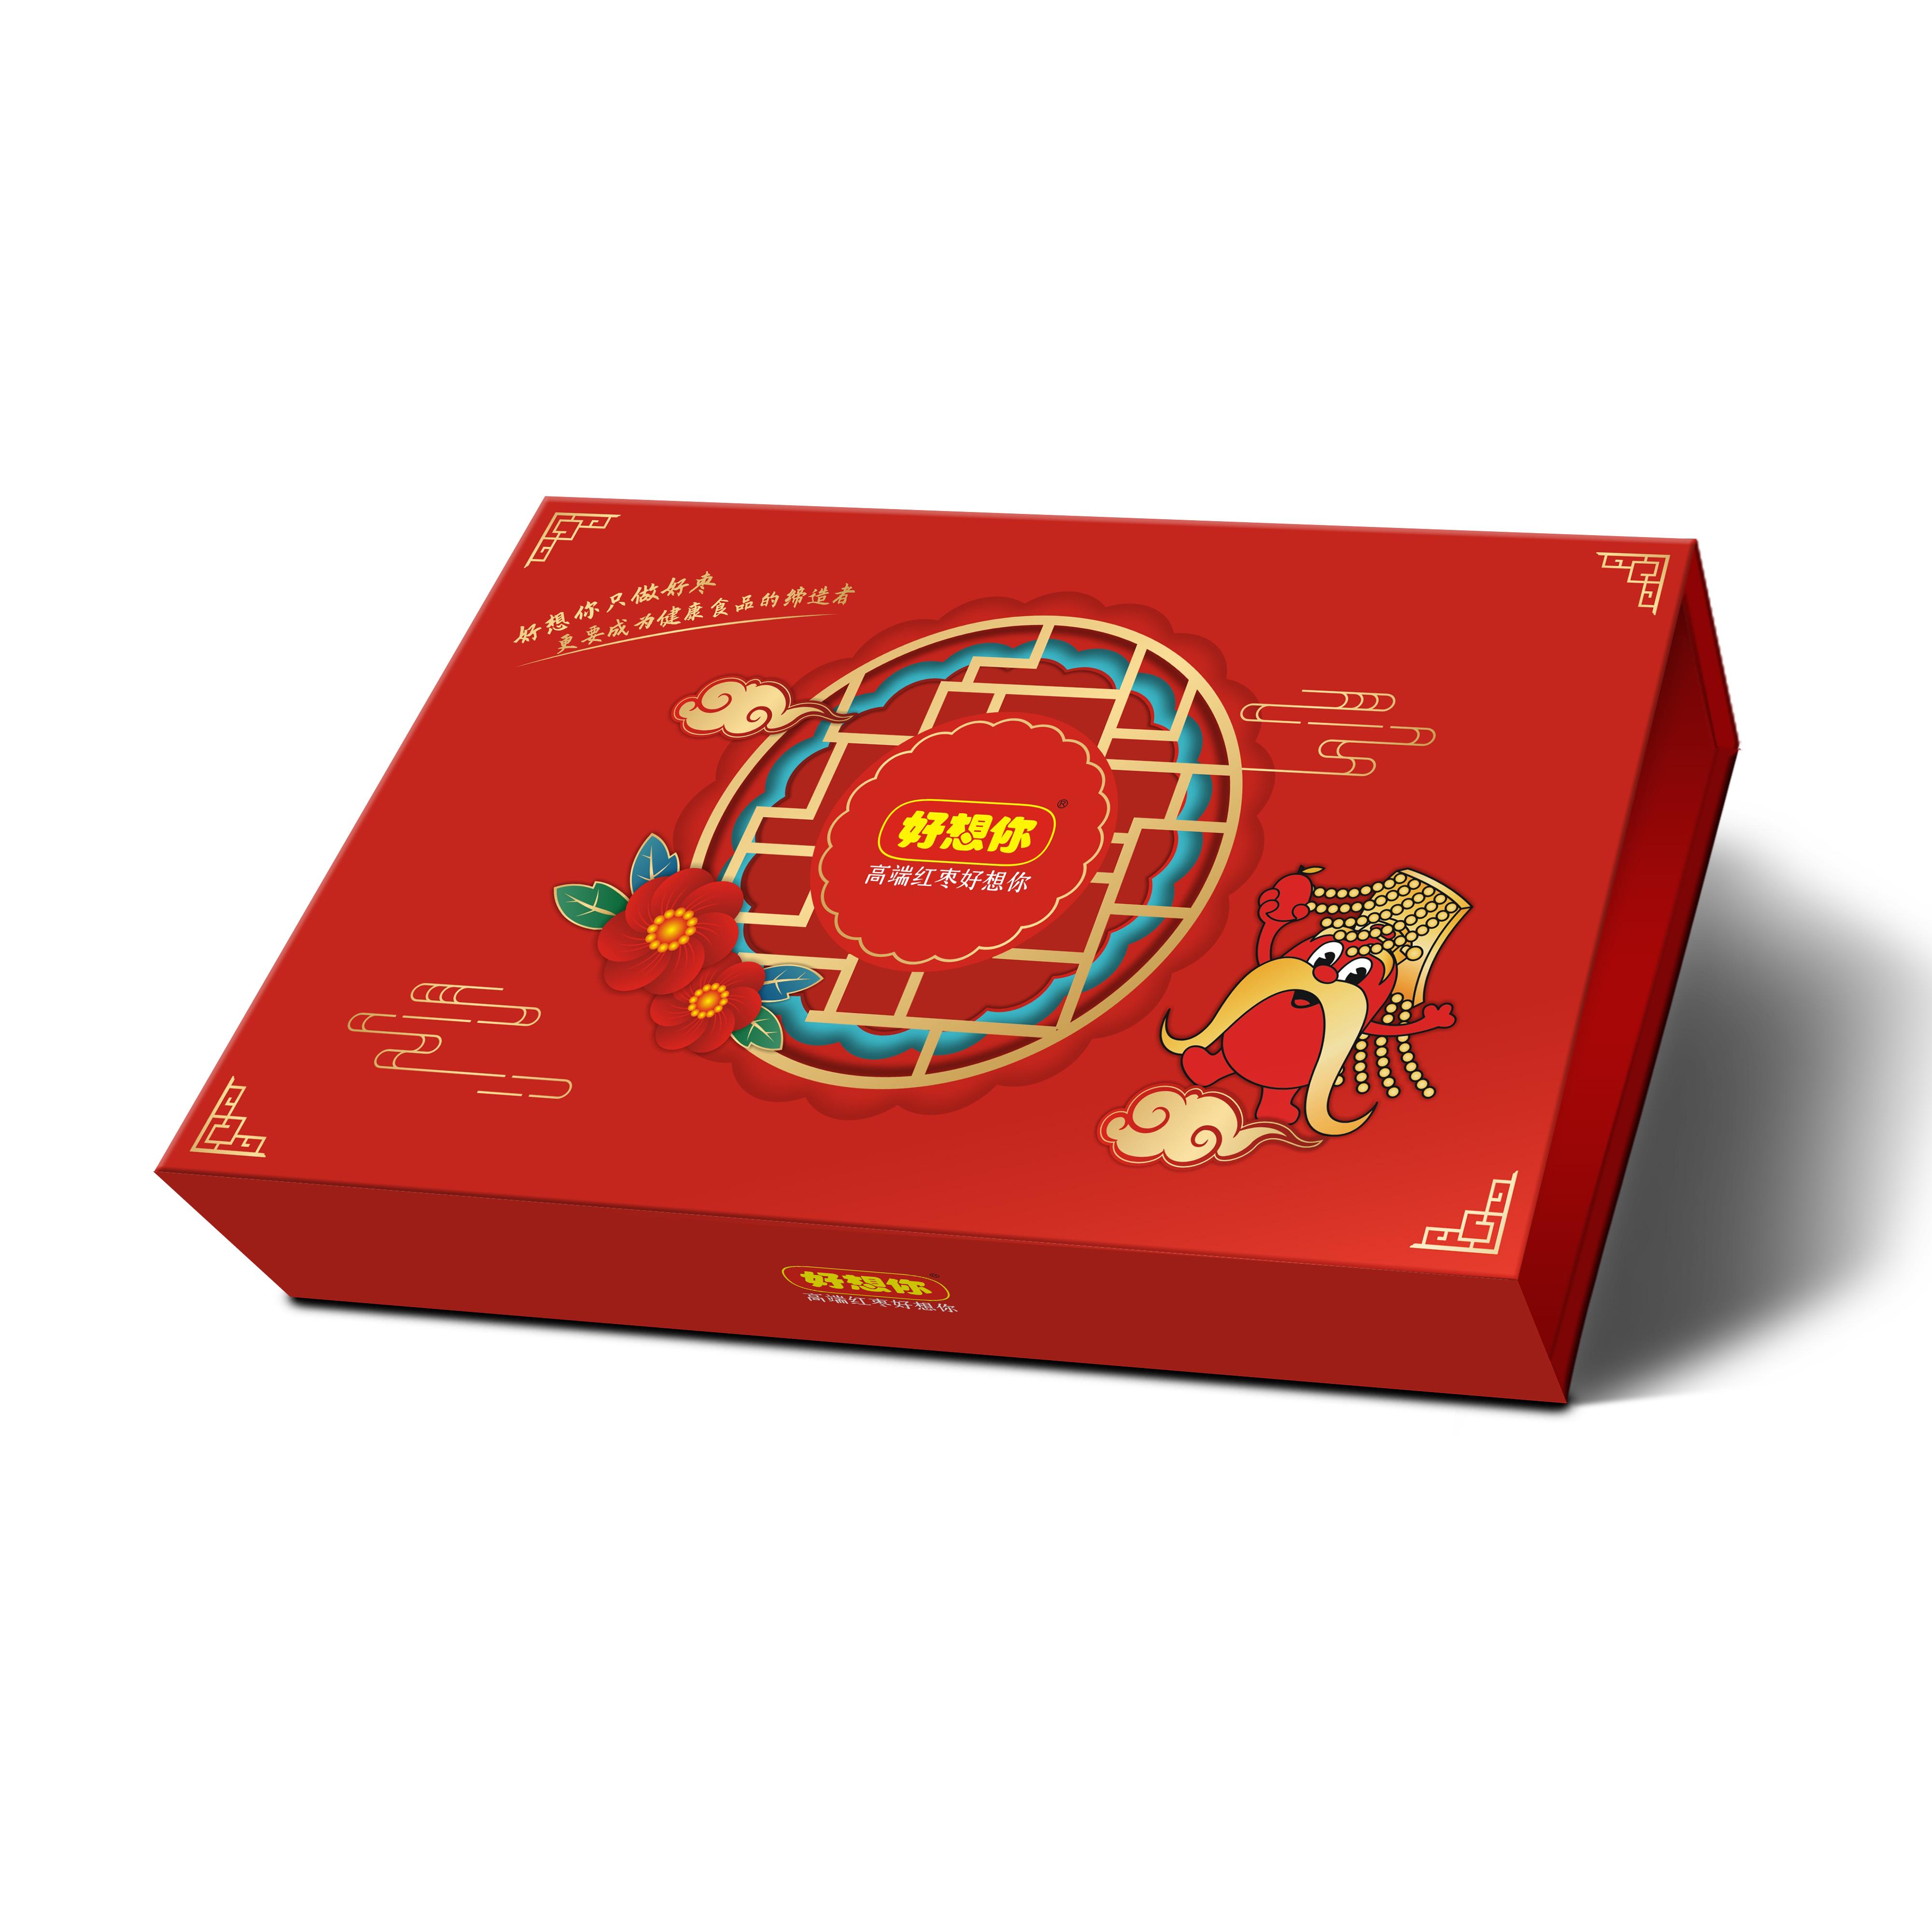 如何从营销角度制作生产精品包装盒